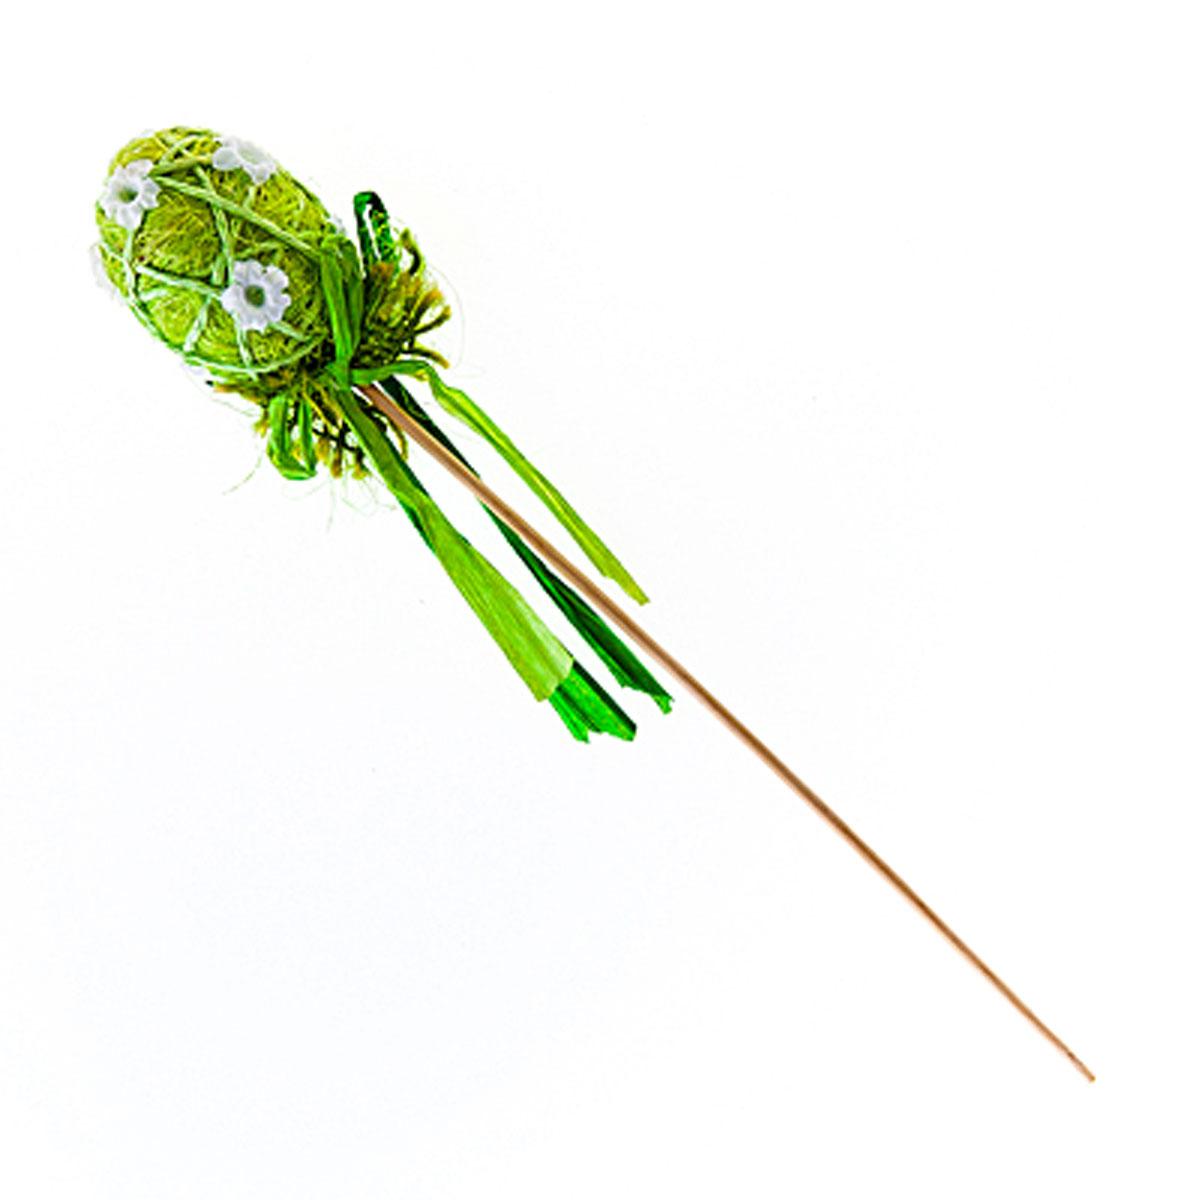 Декоративное украшение на ножке Home Queen Яйцо красивое, цвет: зеленый, высота 20 см60742_1Декоративное украшение Home Queen Яйцо красивое выполнено из пенопласта в виде пасхального яйца на деревянной ножке, декорированного рельефными цветами. Изделие украшено лентой. Такое украшение прекрасно дополнит подарок для друзей или близких на Пасху. Высота: 20 см. Размер яйца: 5,5 см х 4,5 см.